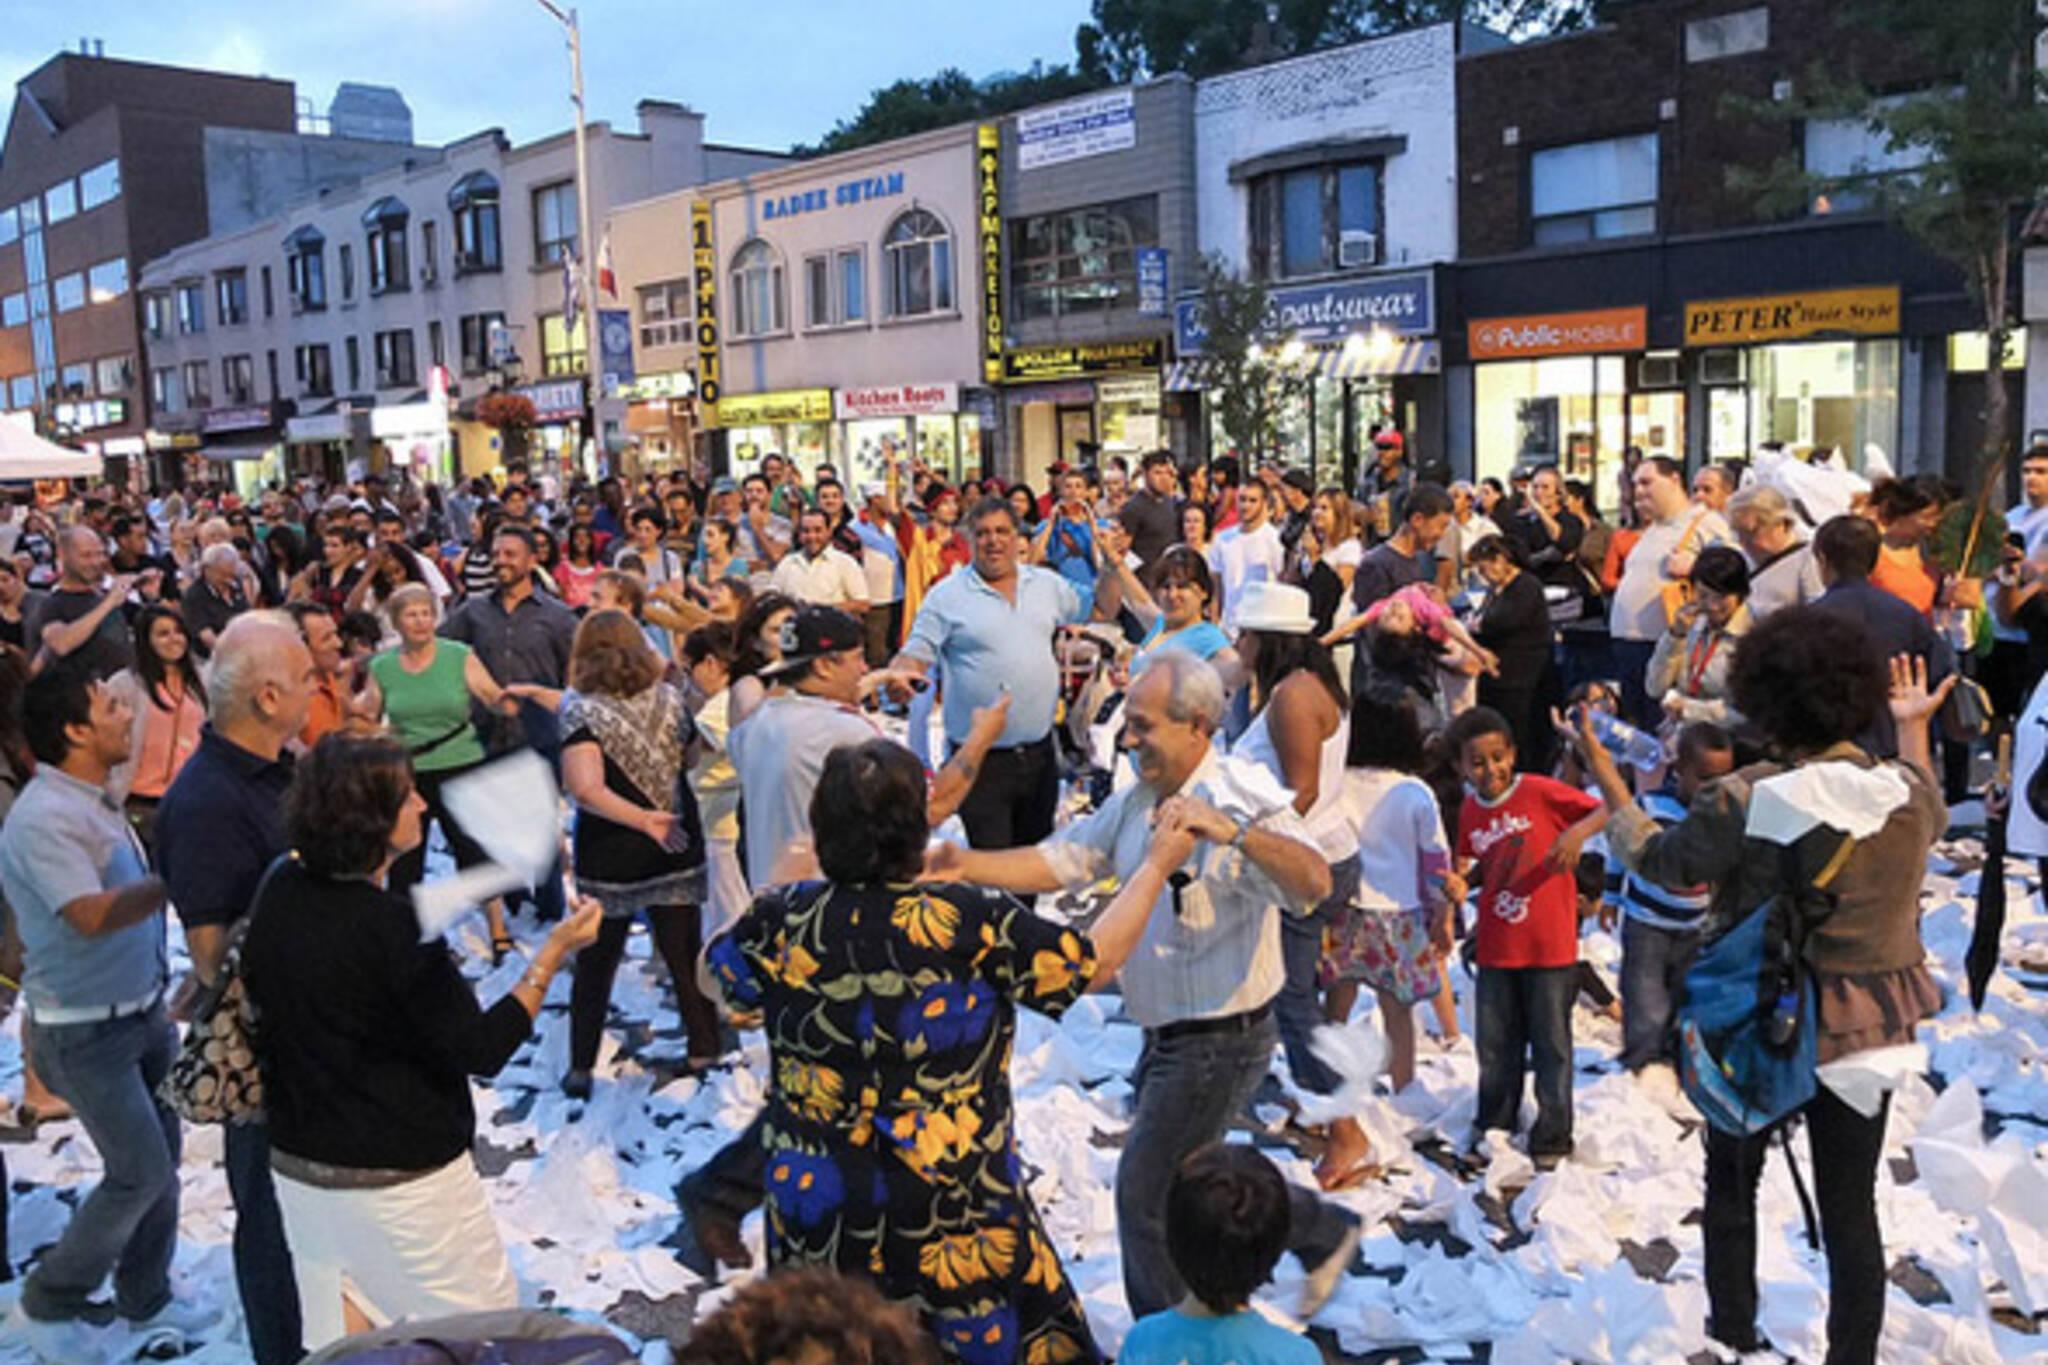 Summer Street Festivals Toronto